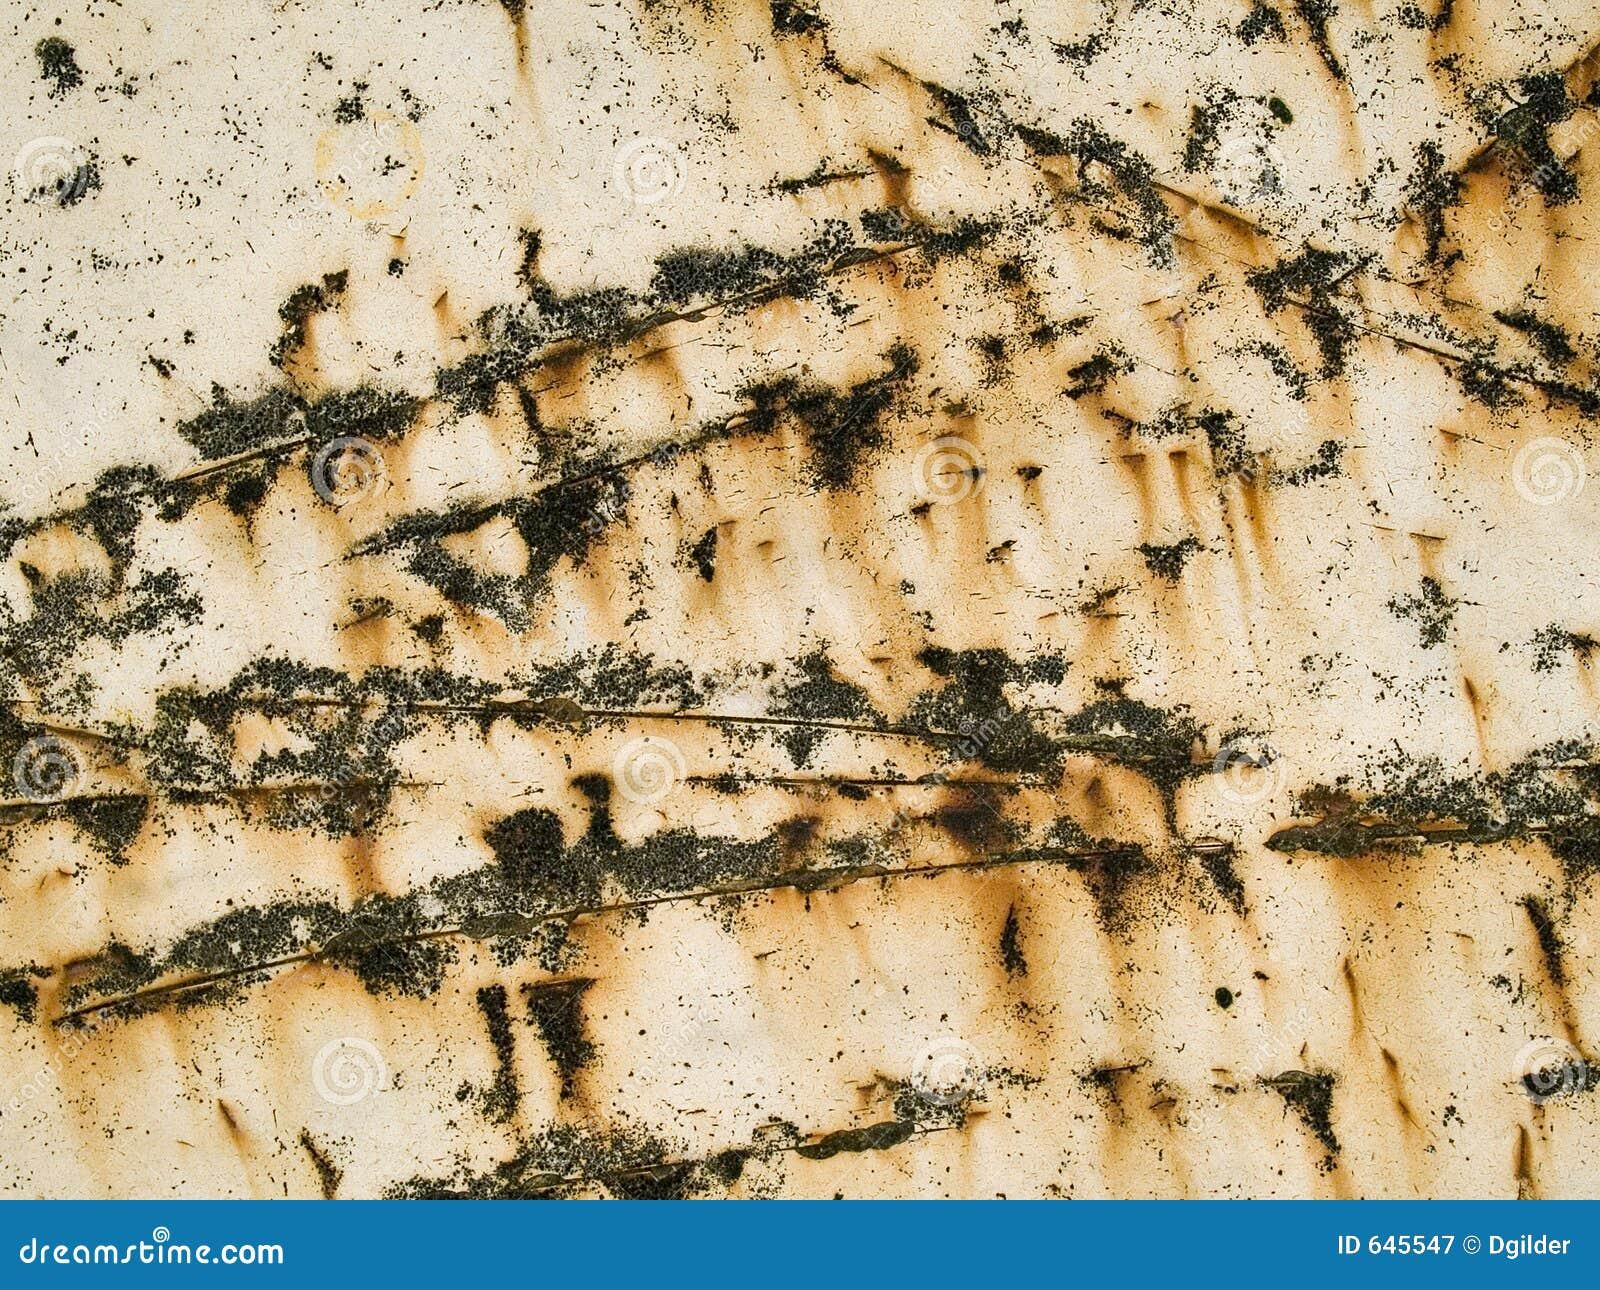 Textura macro - metal - riscada e oxidada